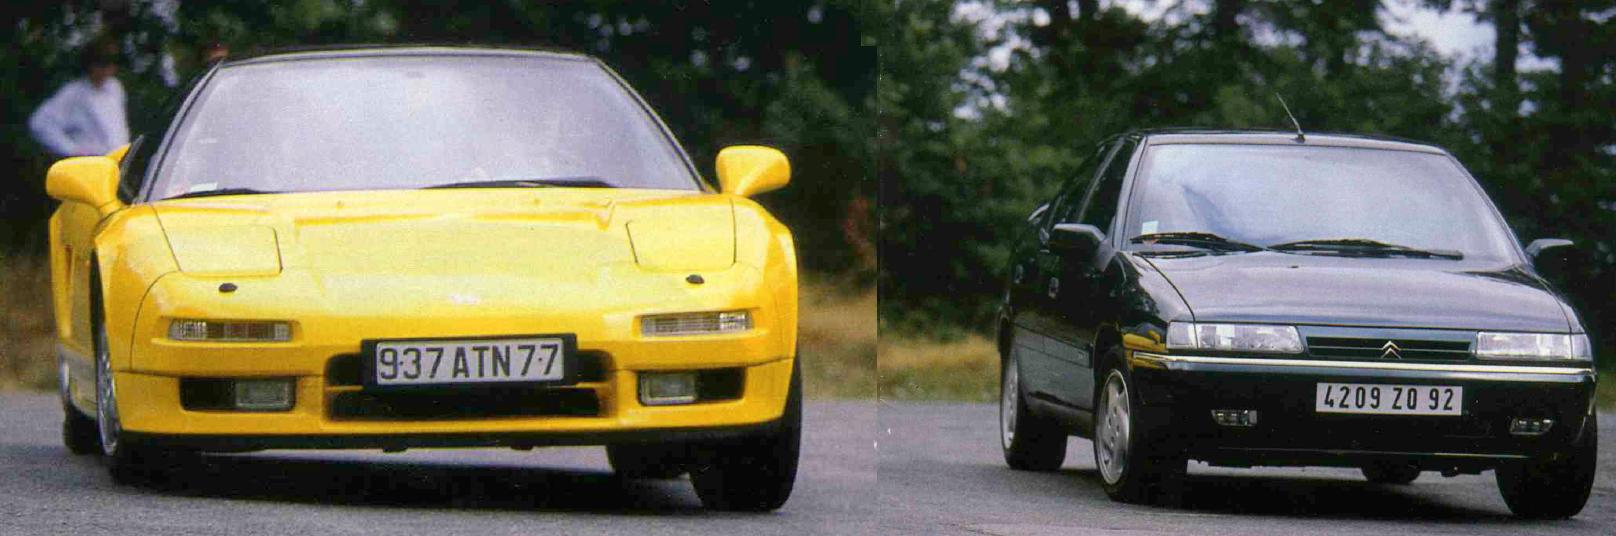 Face à la Honda NSX, dans le même virage, la Xantia Activa est nettement plus à l'aise